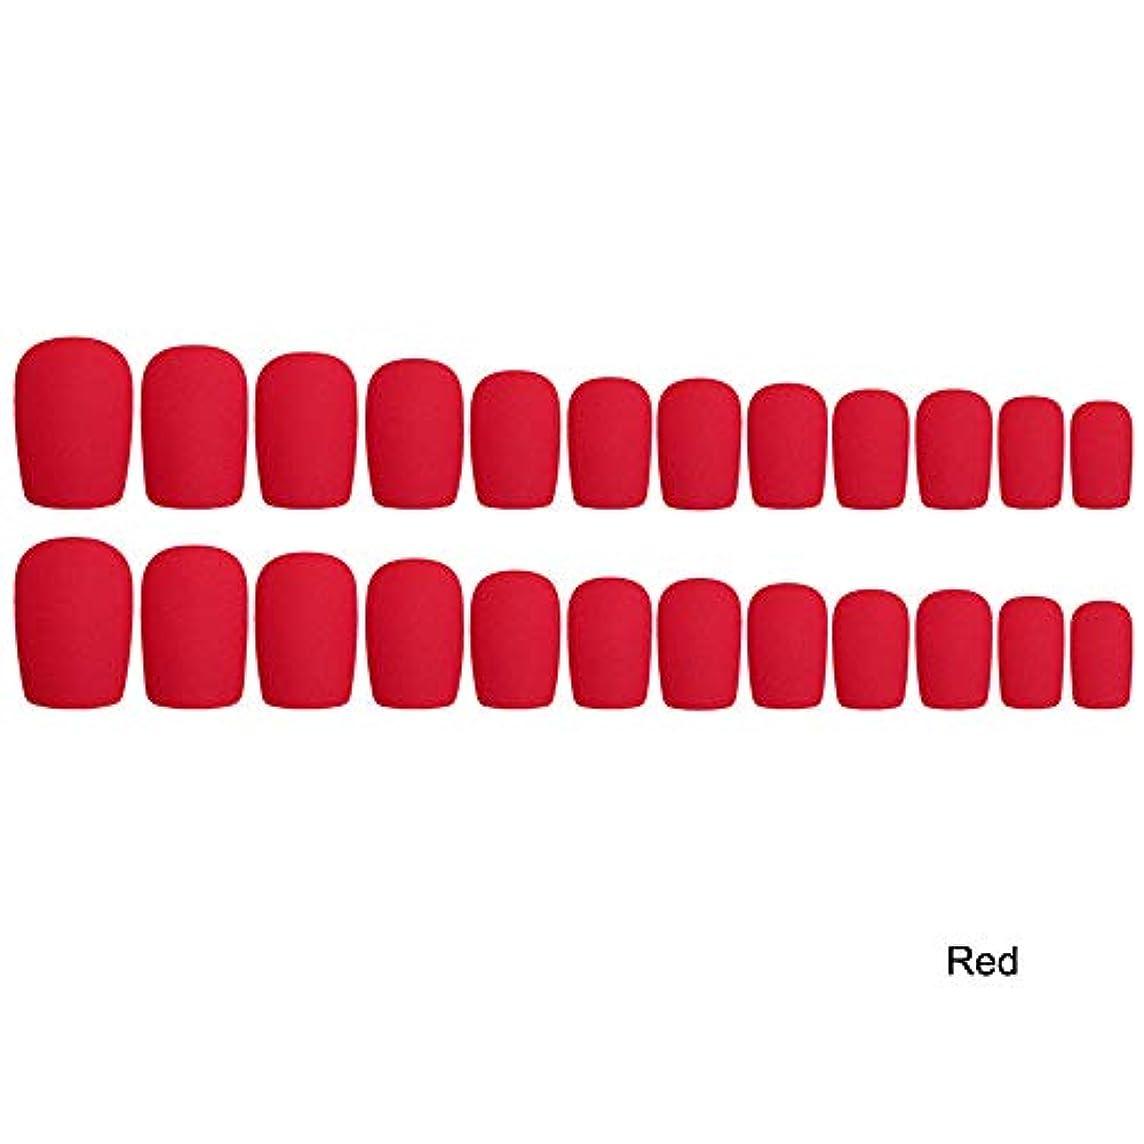 感情定期的なリストDecdeal 24枚入れ ネイルチップ ネイル 練習用 ネイル用品 偽爪 つけ爪